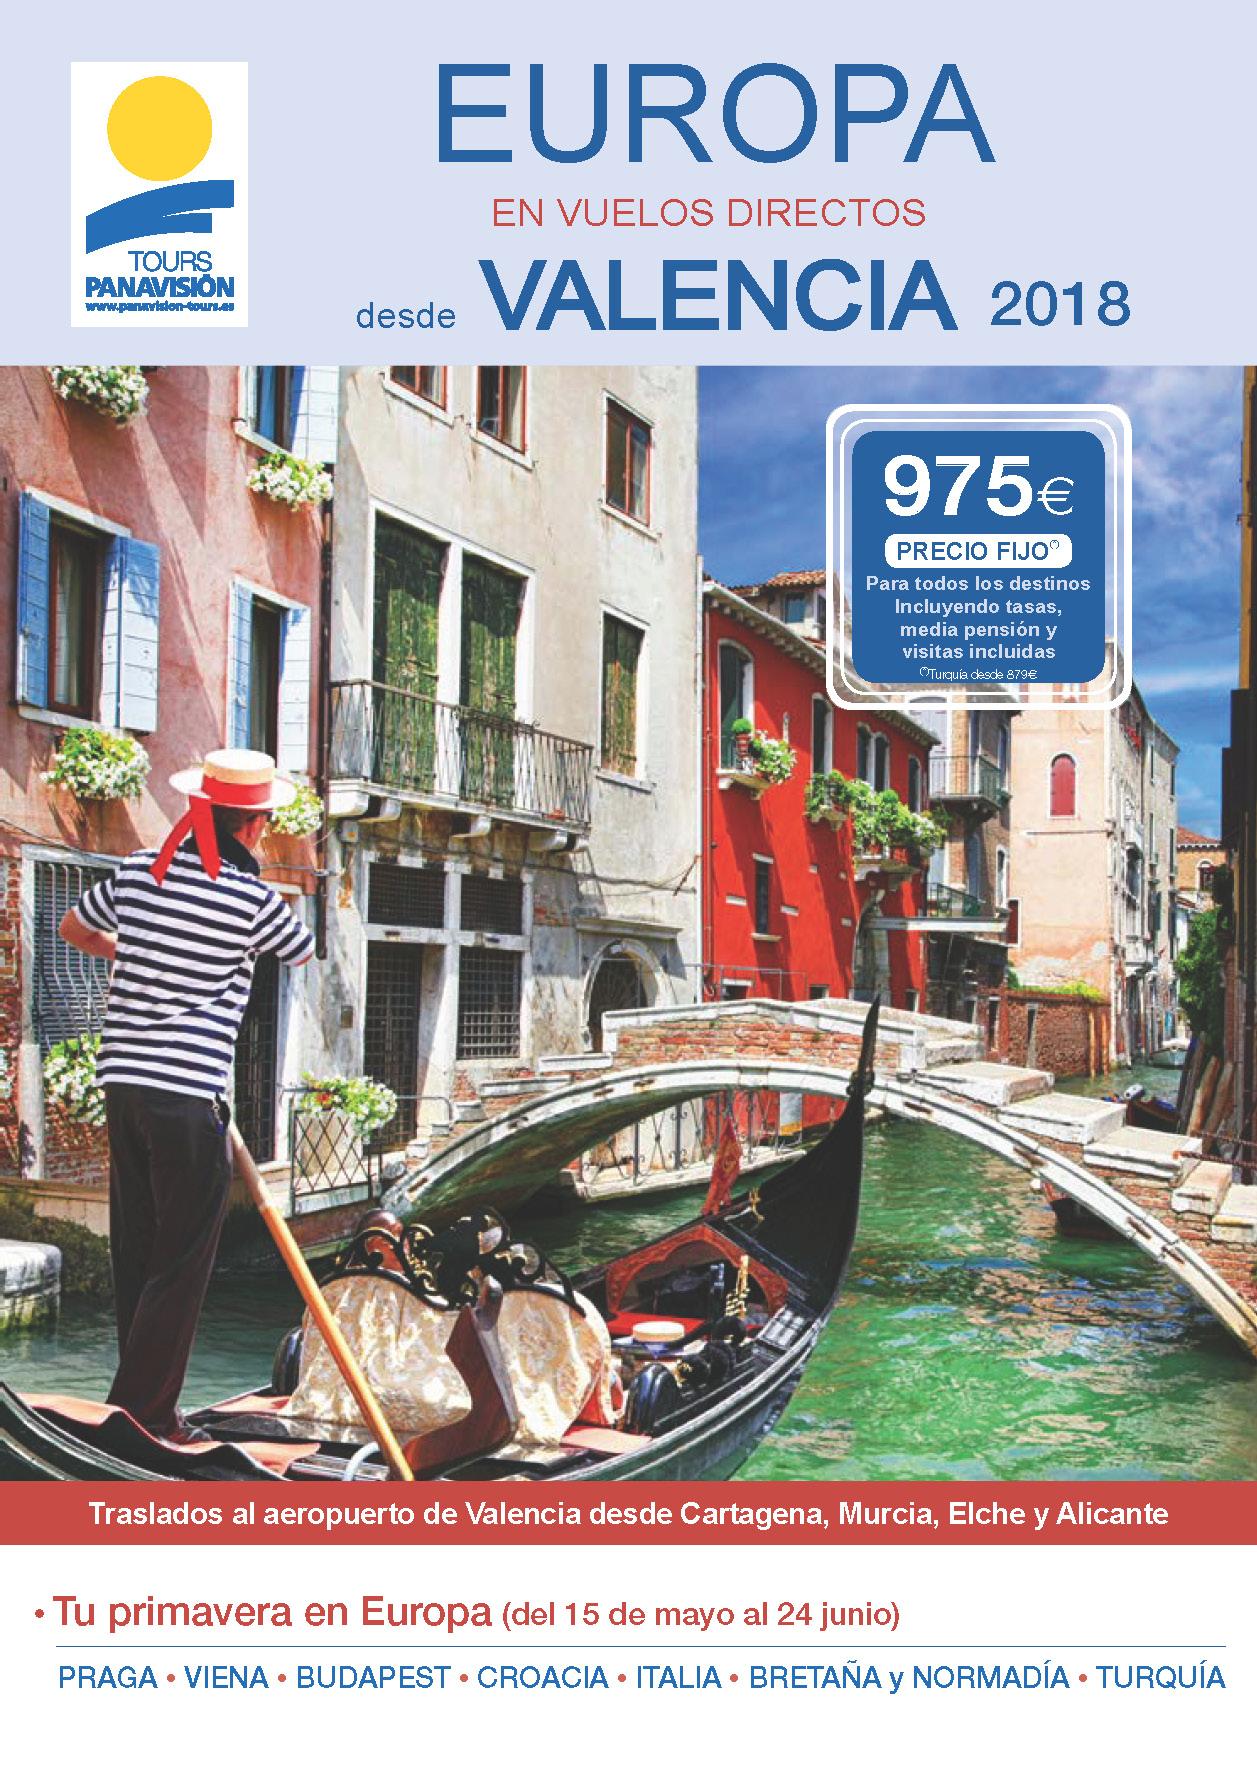 Catalogo Panavision Tours Europa 2018 Vuelos directos desde Valencia v2